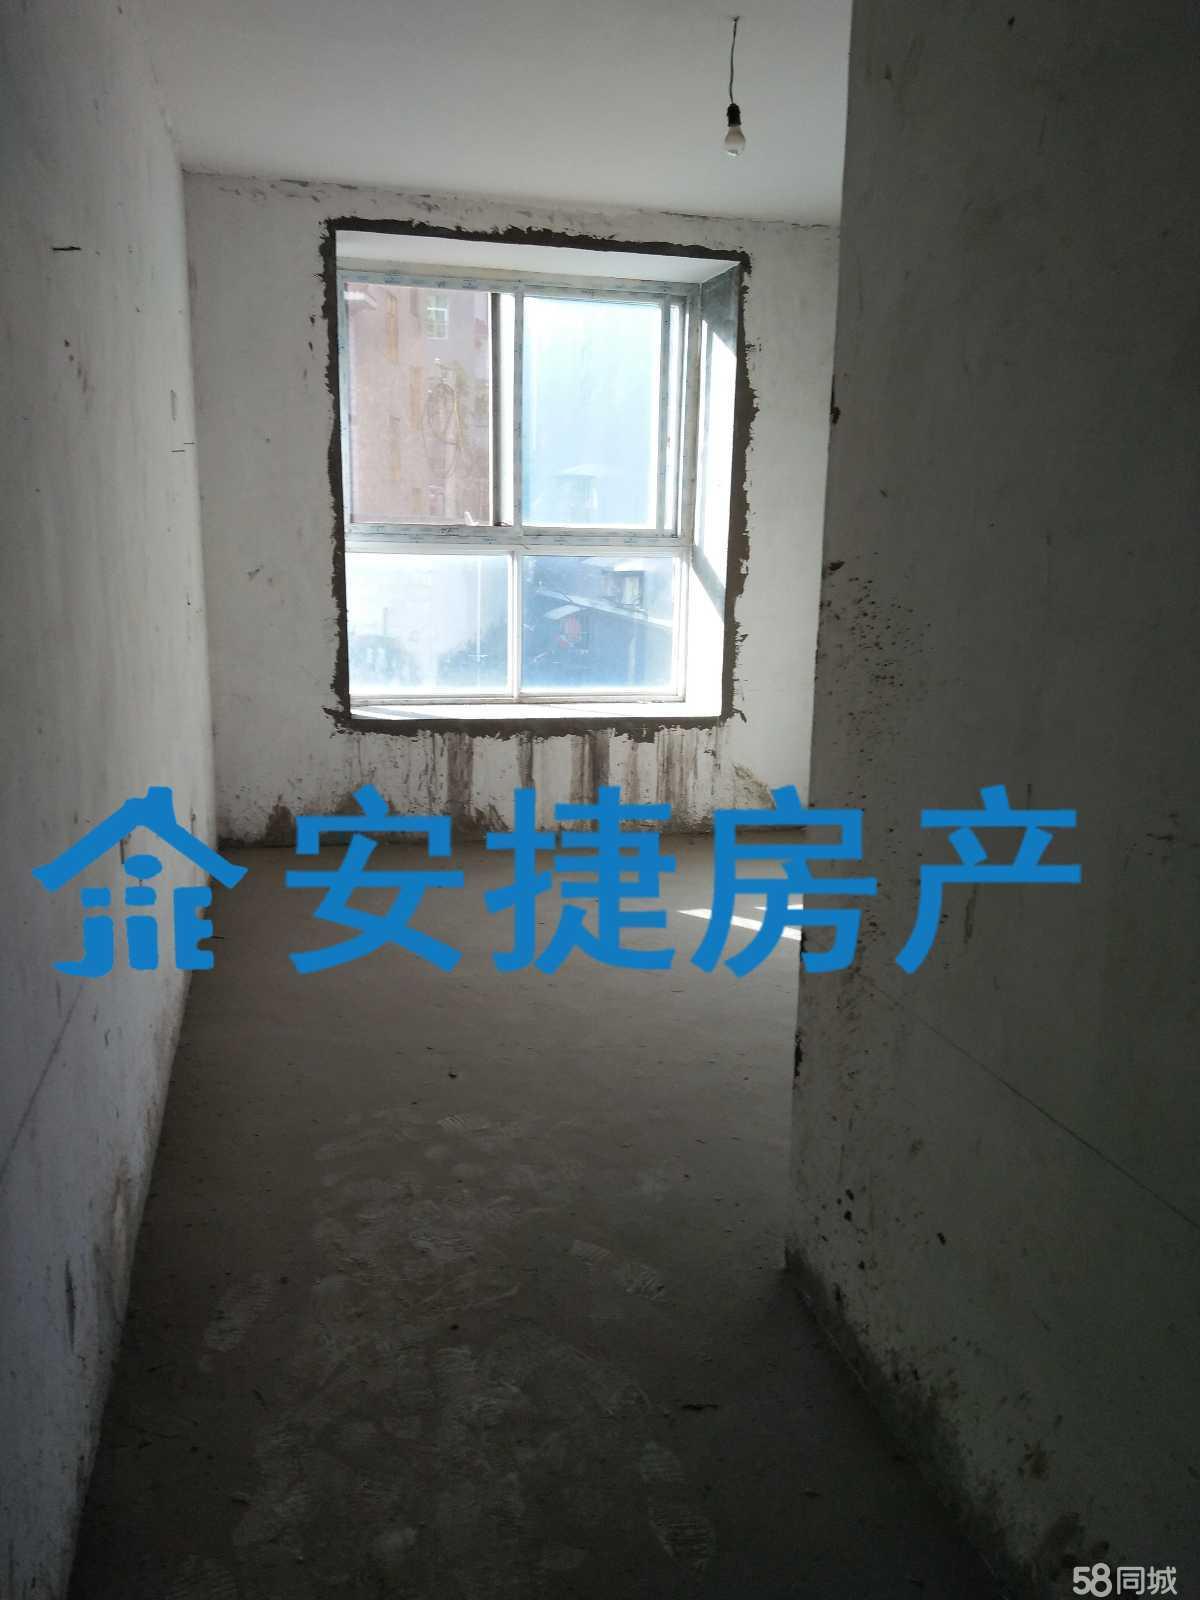 【安捷房产】保靖公务员小区3室2厅2卫135平米